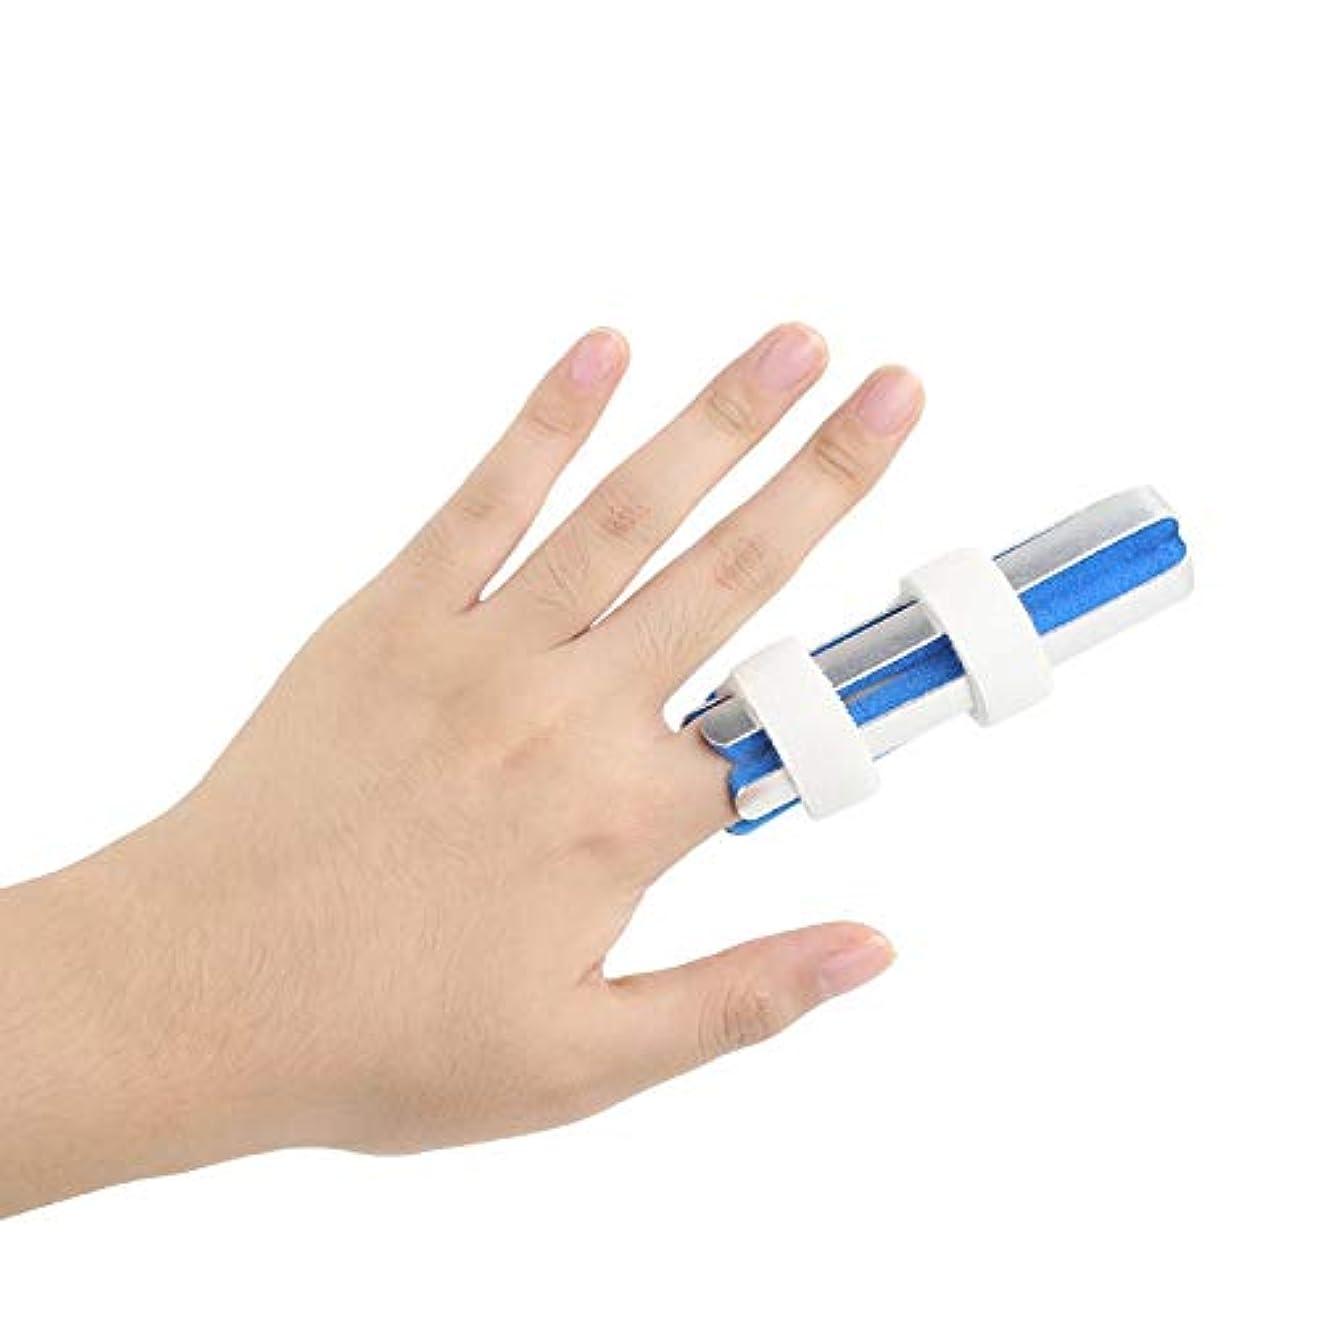 バドミントン耐えられない原点指骨折固定副木 - 保護指のカップリング装具脱臼の痛み指のけがの痛み保護指関節,S